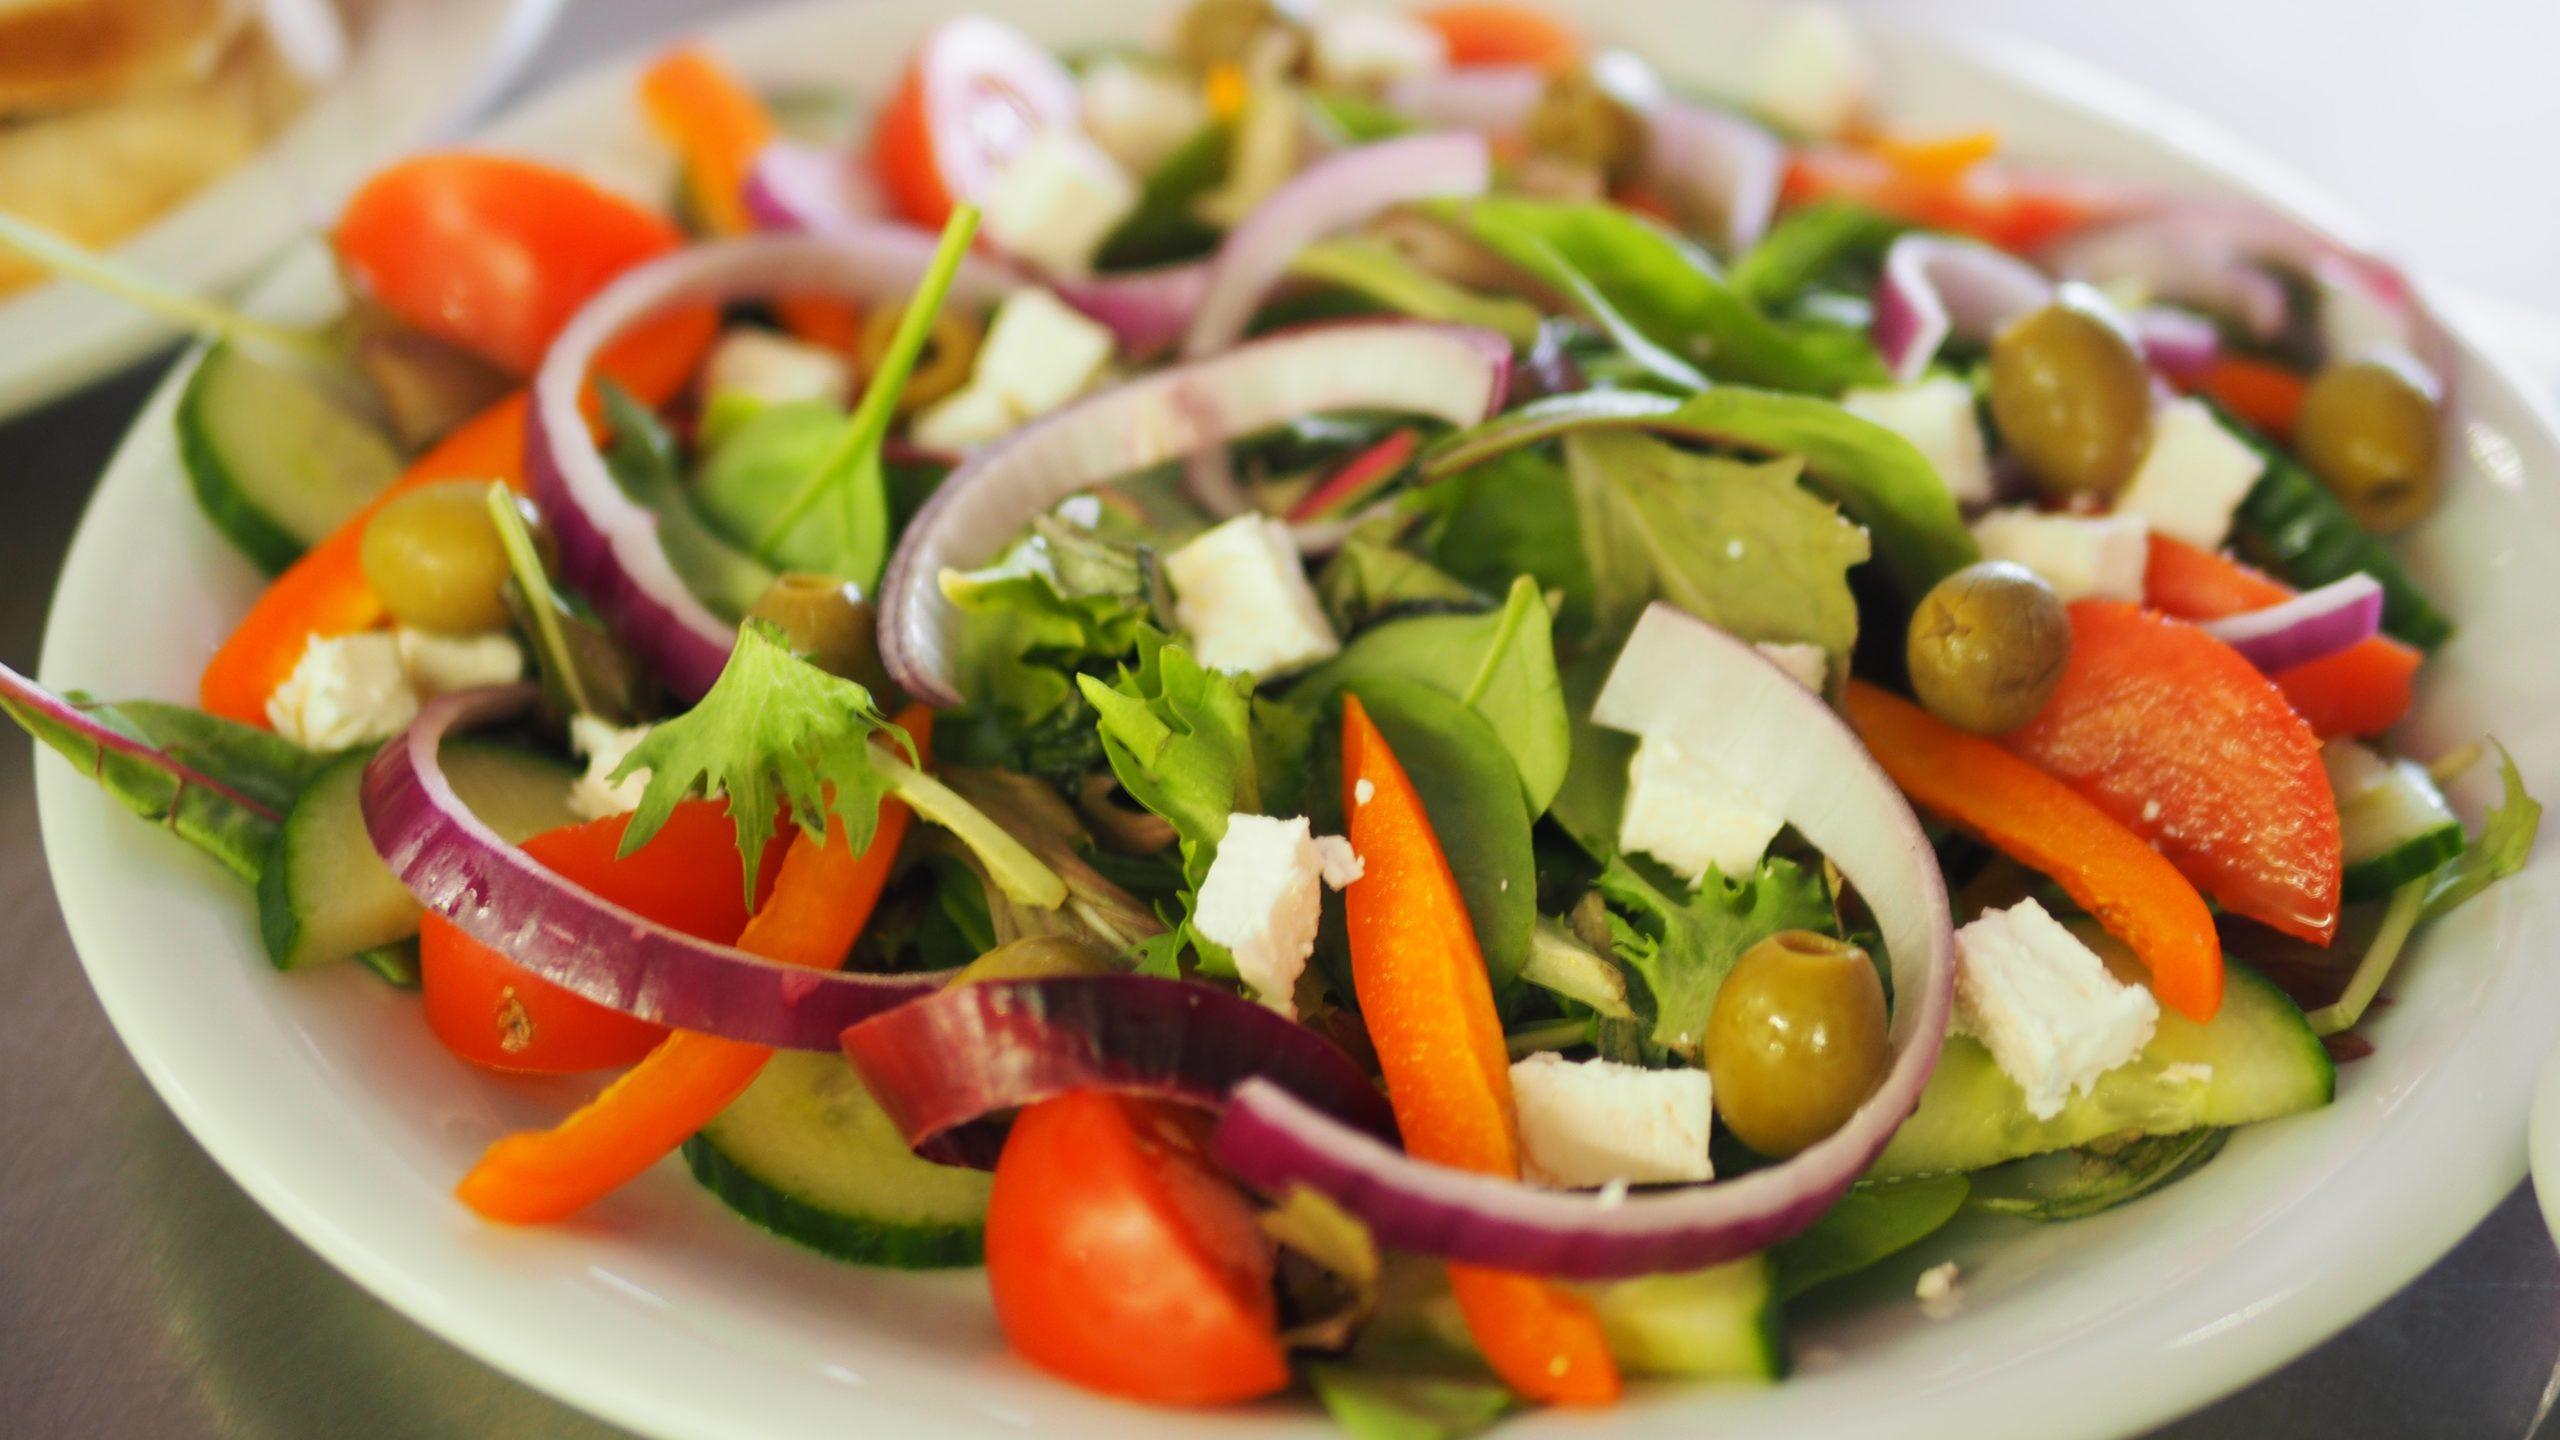 อาหารเพื่อสุขภาพมีอะไรบ้าง, อาหารเพื่อสุขภาพคือ